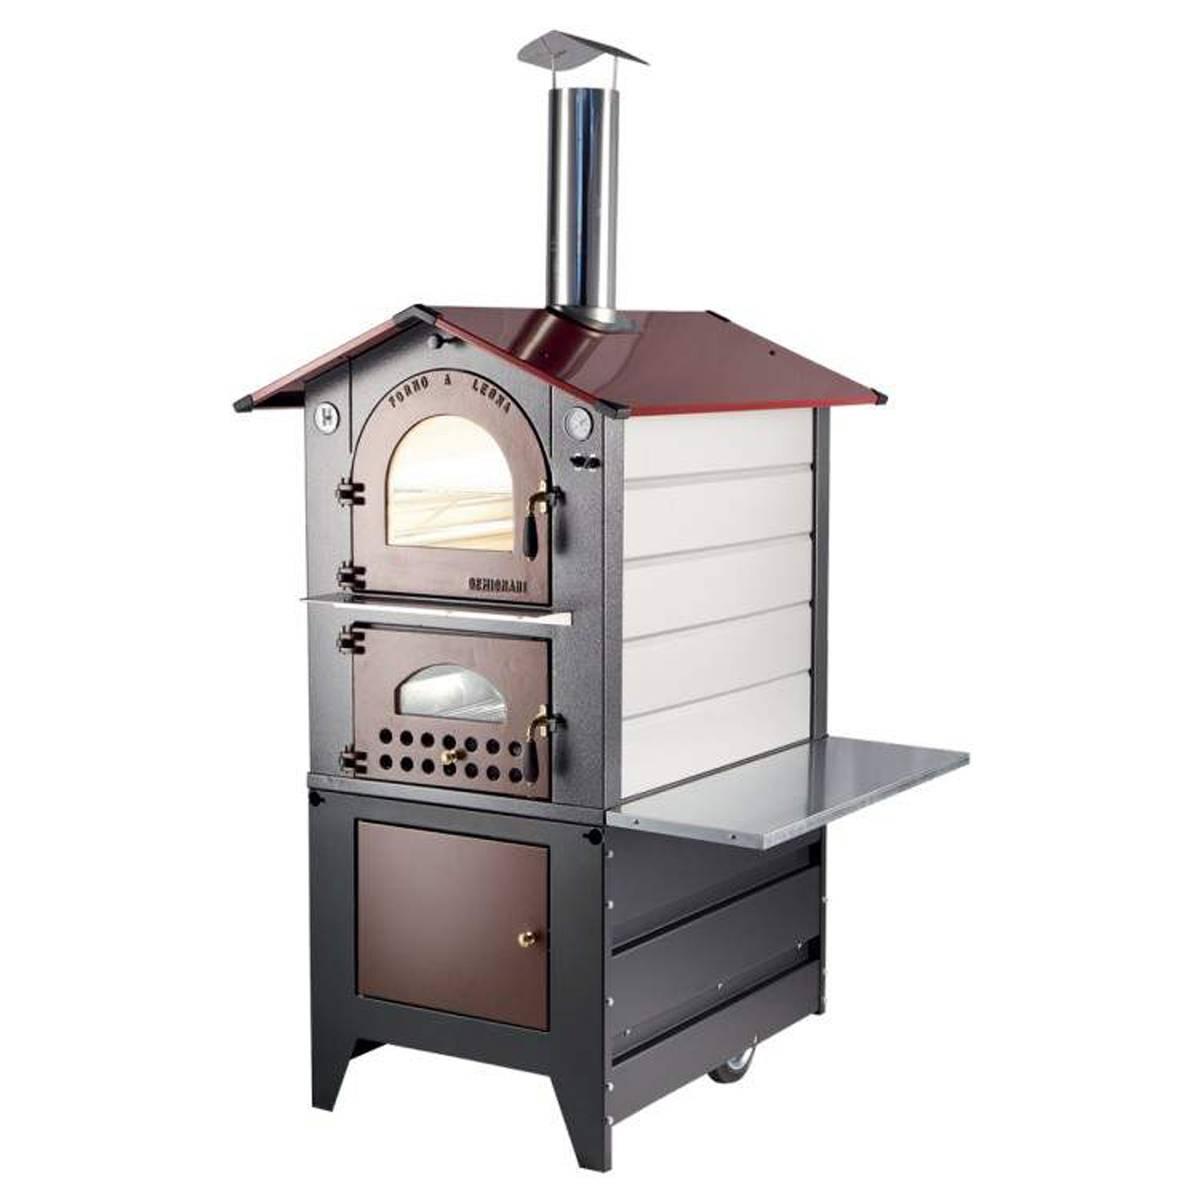 Forno a legna gemignani a fuoco indiretto da esterno mod for Abbattitore fumi forno a legna